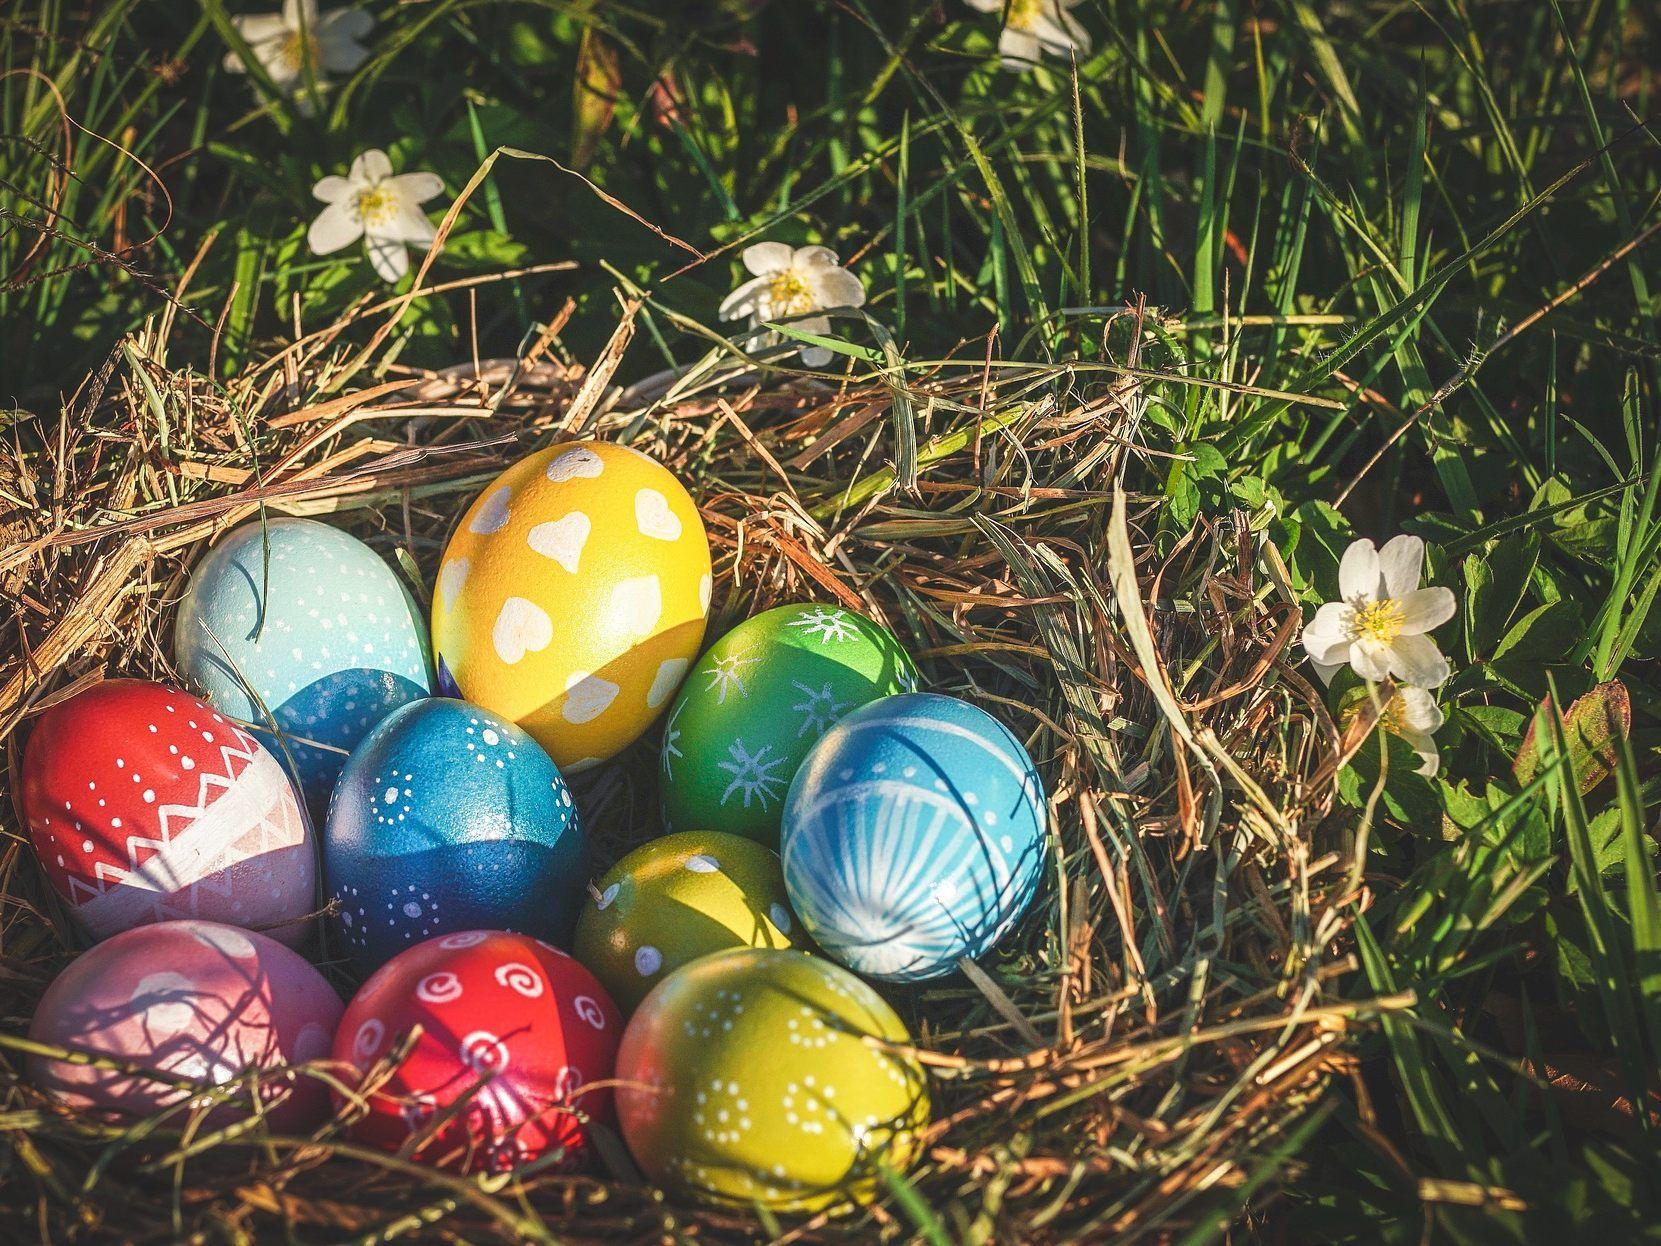 Ostern 2019 Das Fest Nachhaltig Und Bewusst Feiern Ostern Viennaat